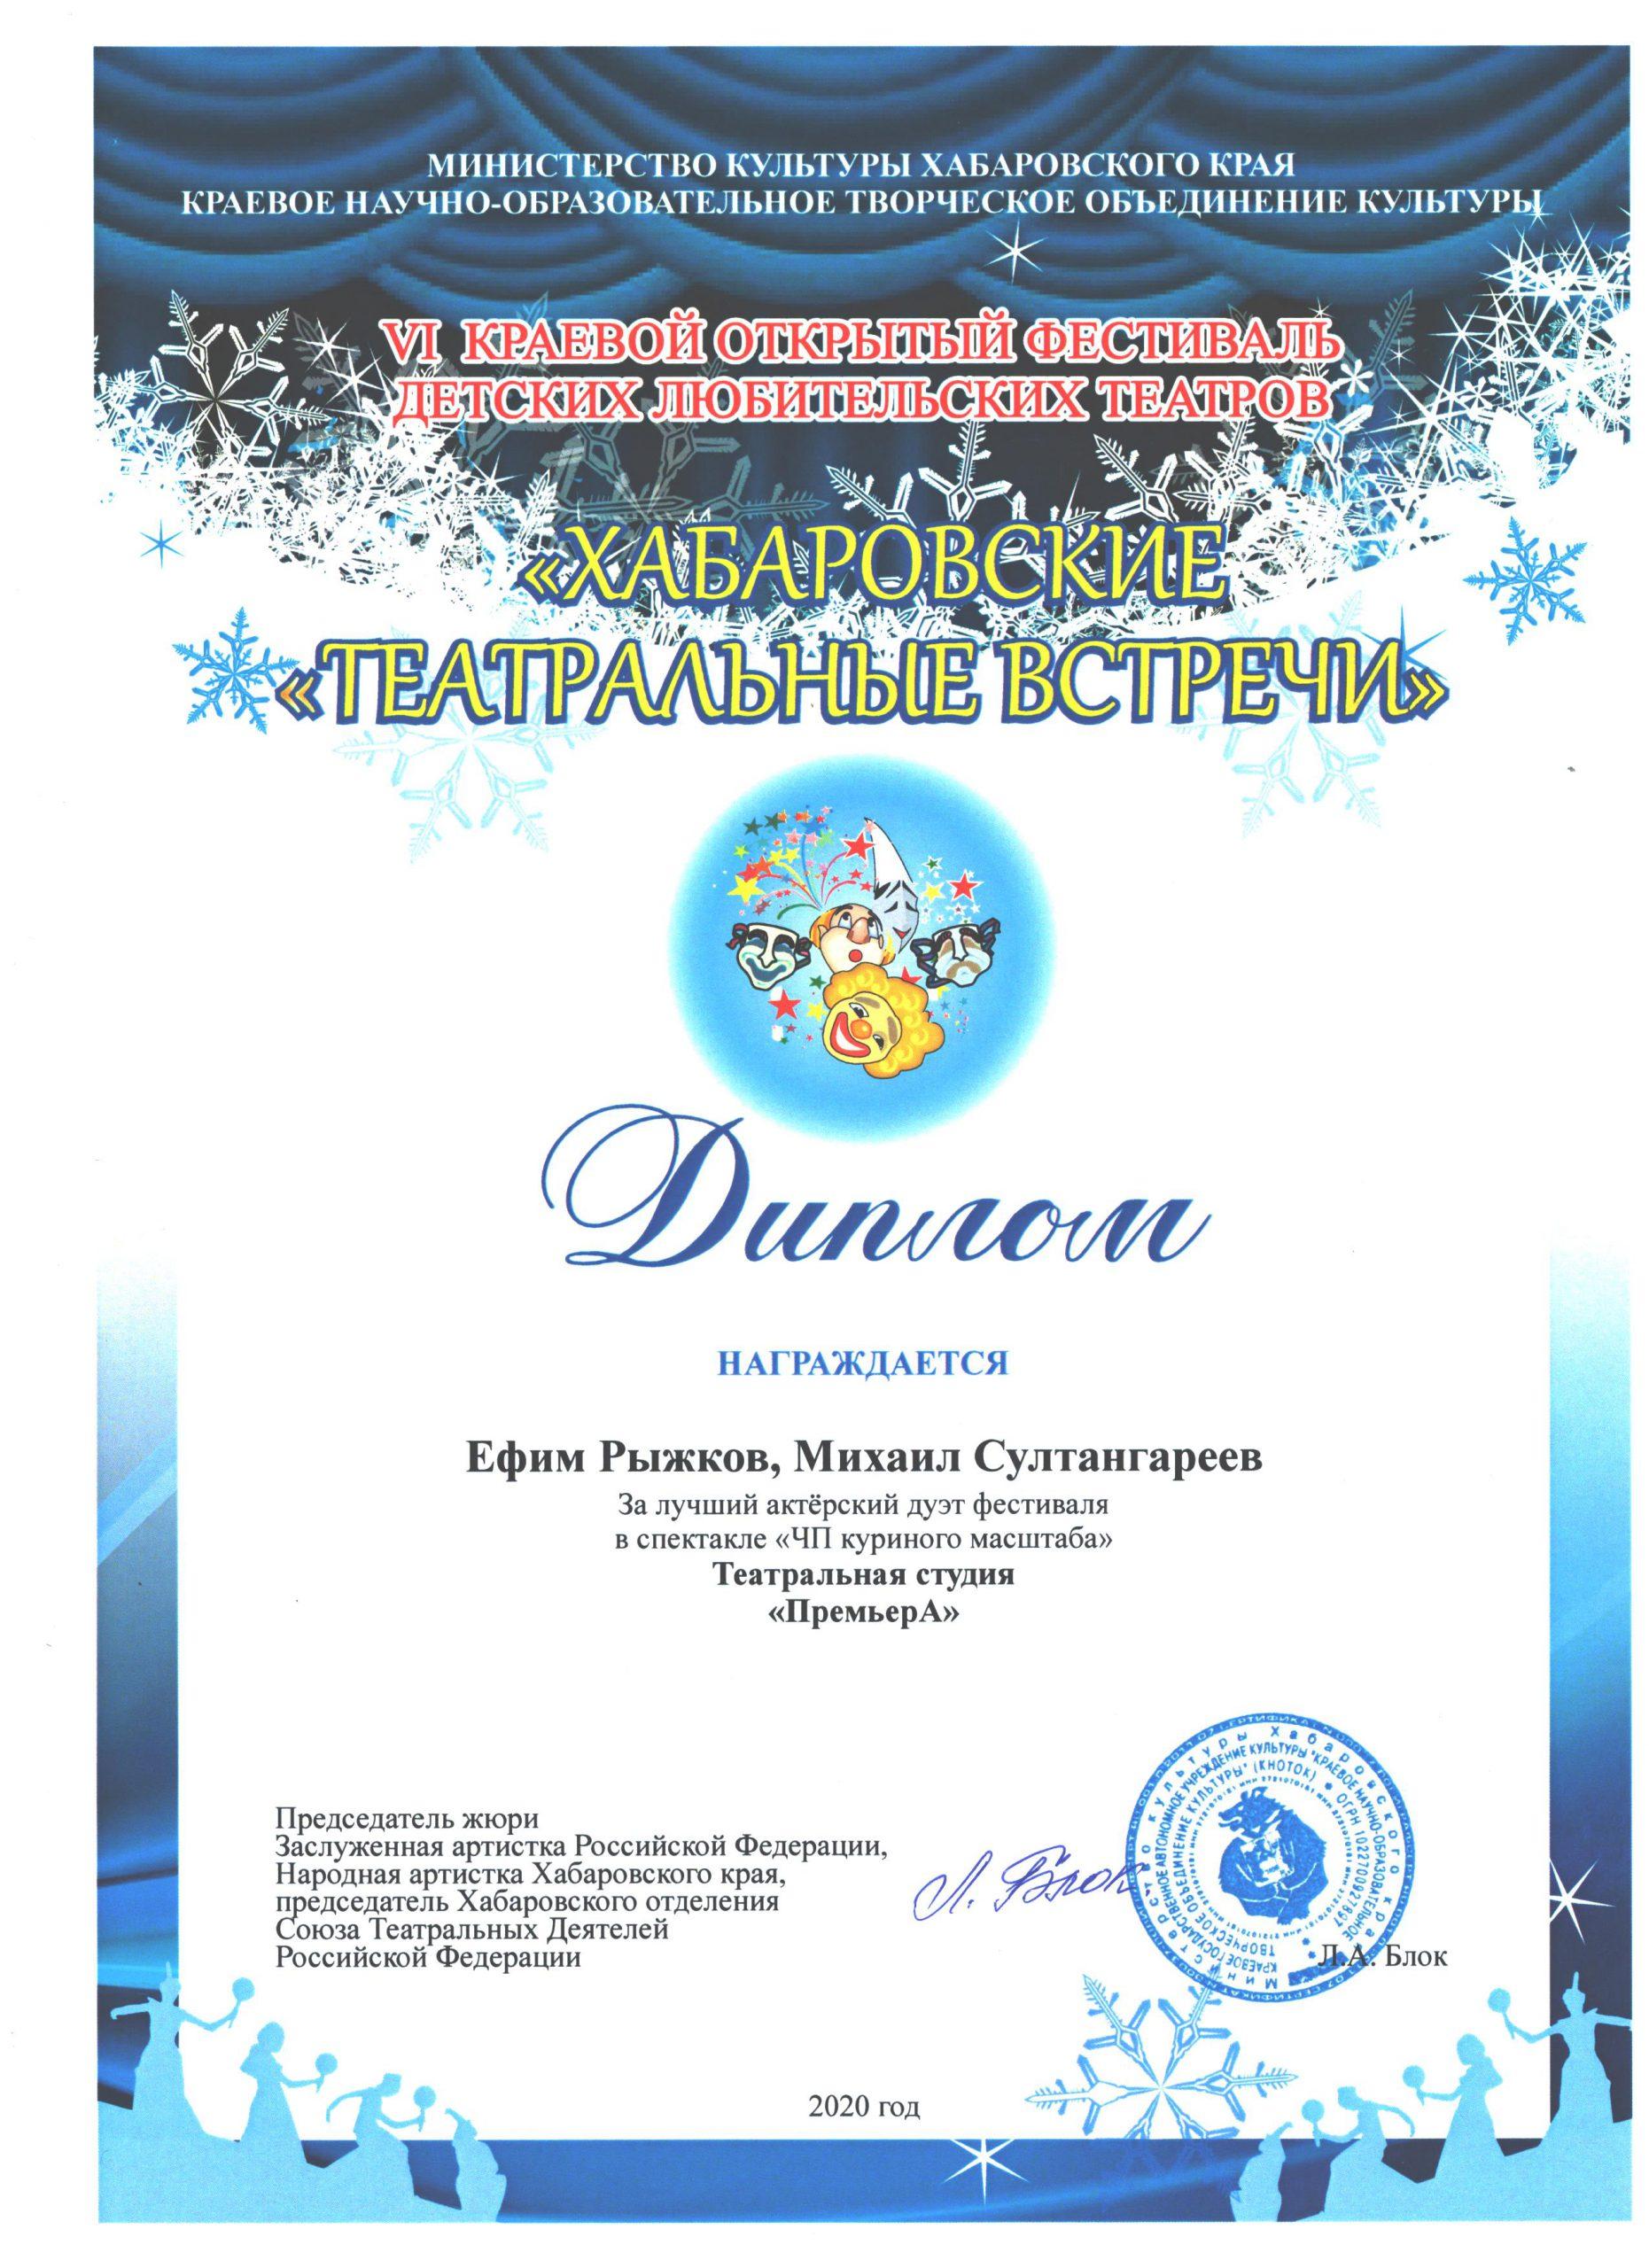 Ефим Рыжков, Михаил Султангареев